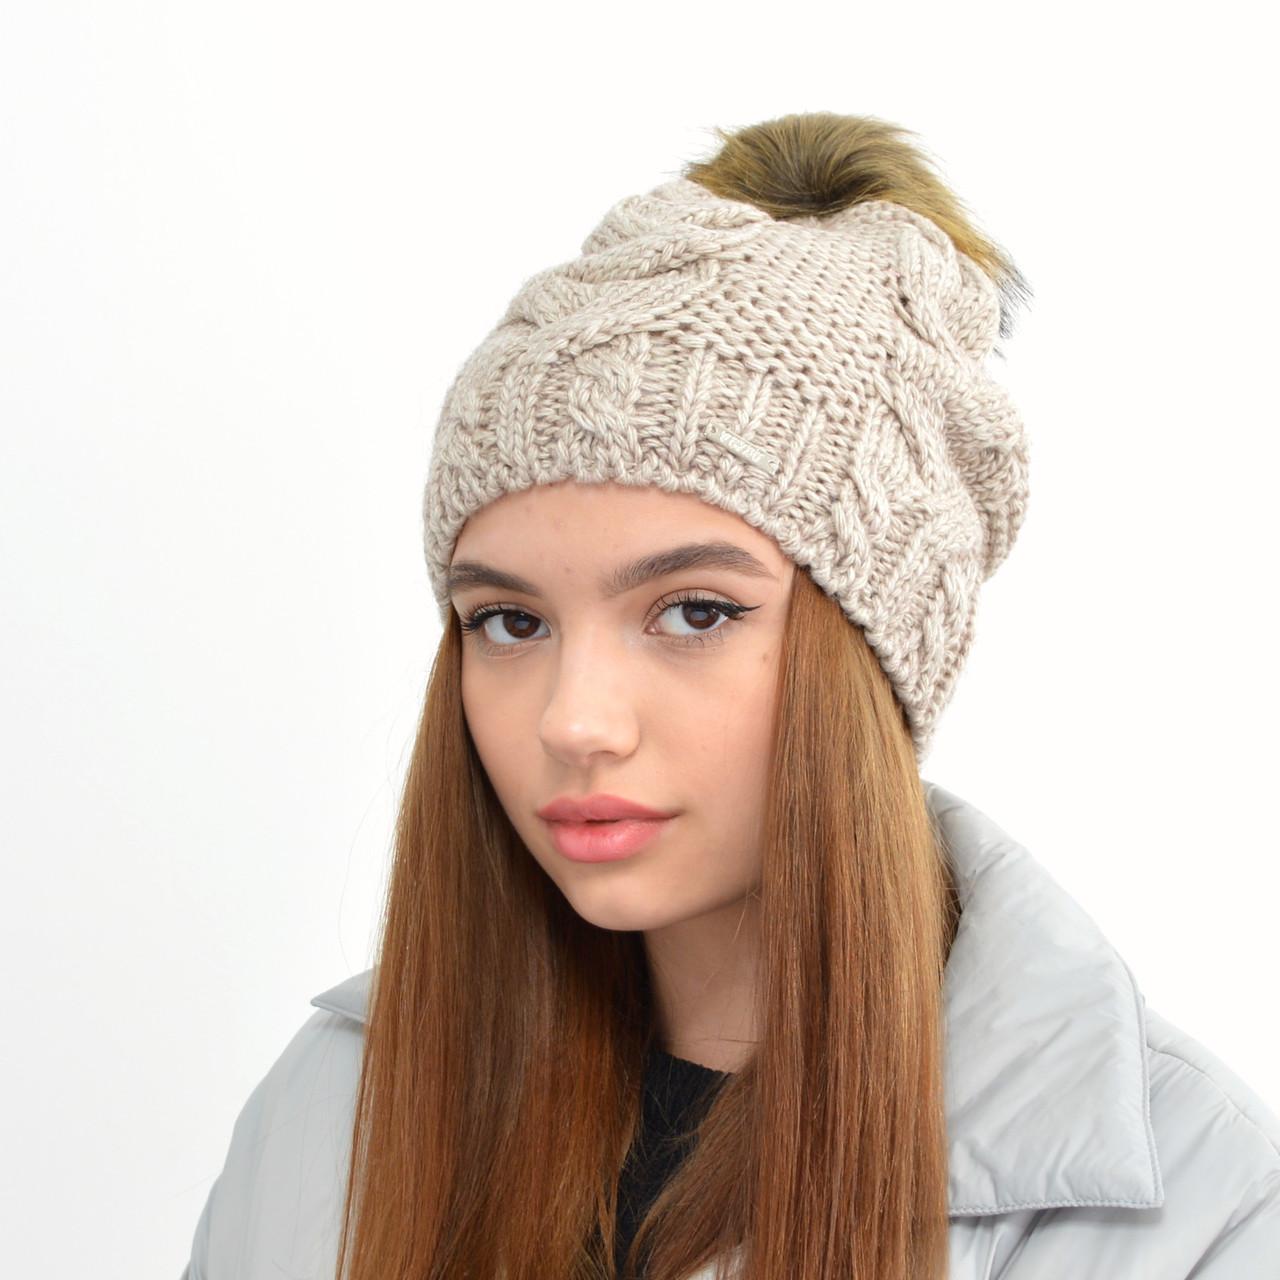 Женская шапка на флисе 3330 лен